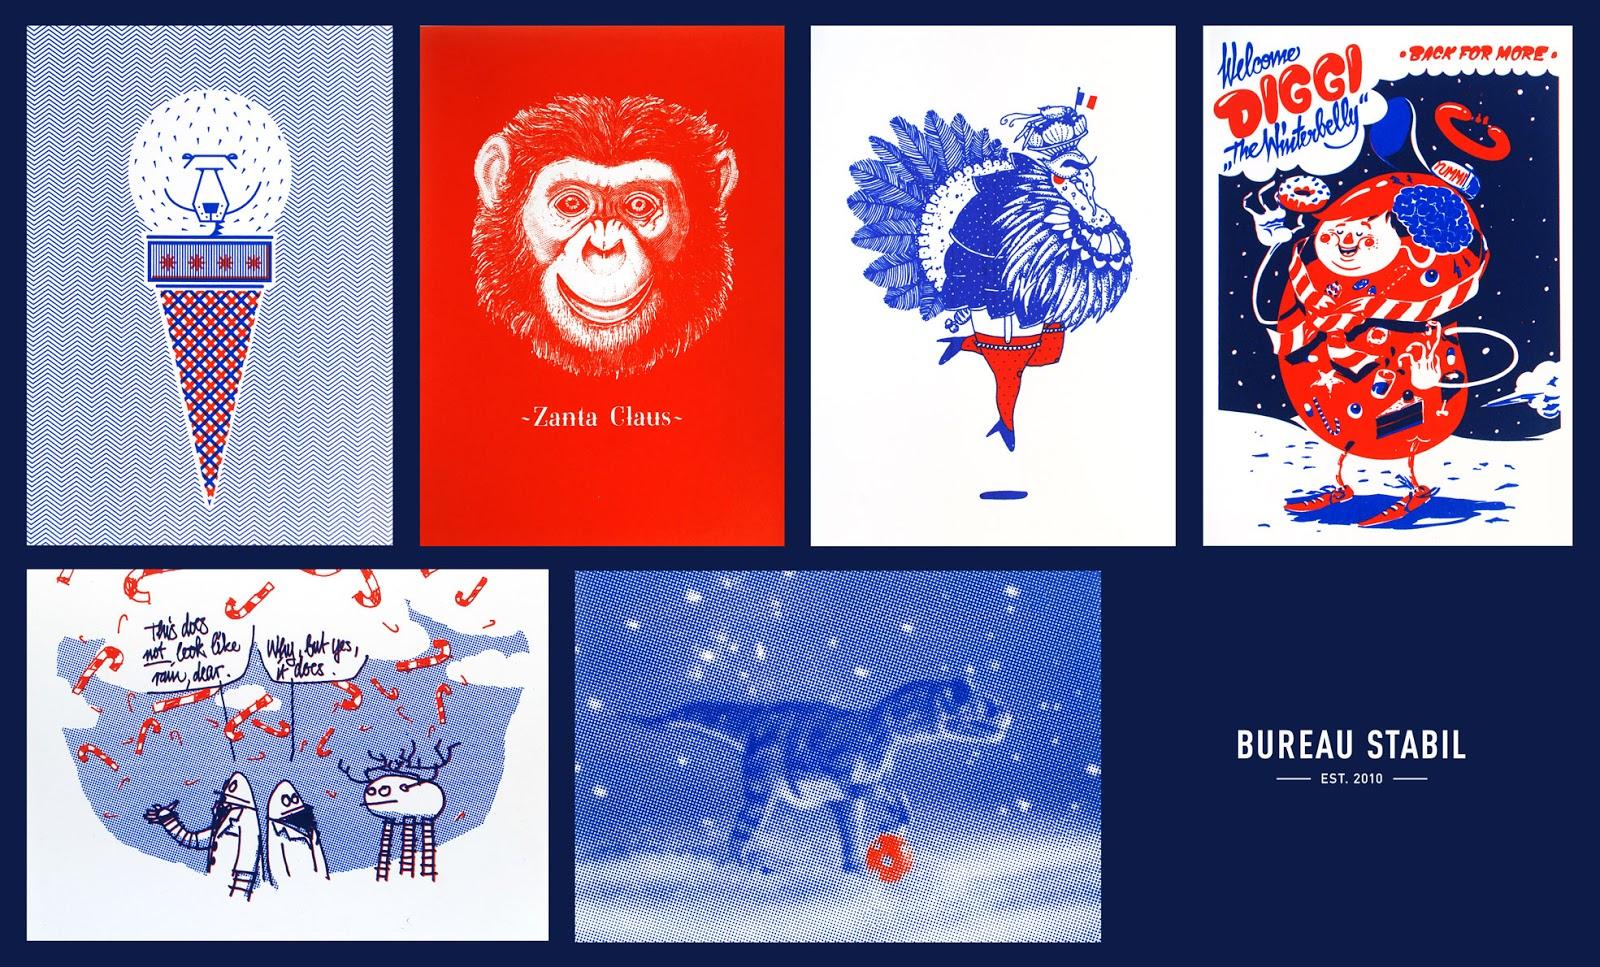 Bureau Stabil: Siebdruckreihe zu Weihnachten